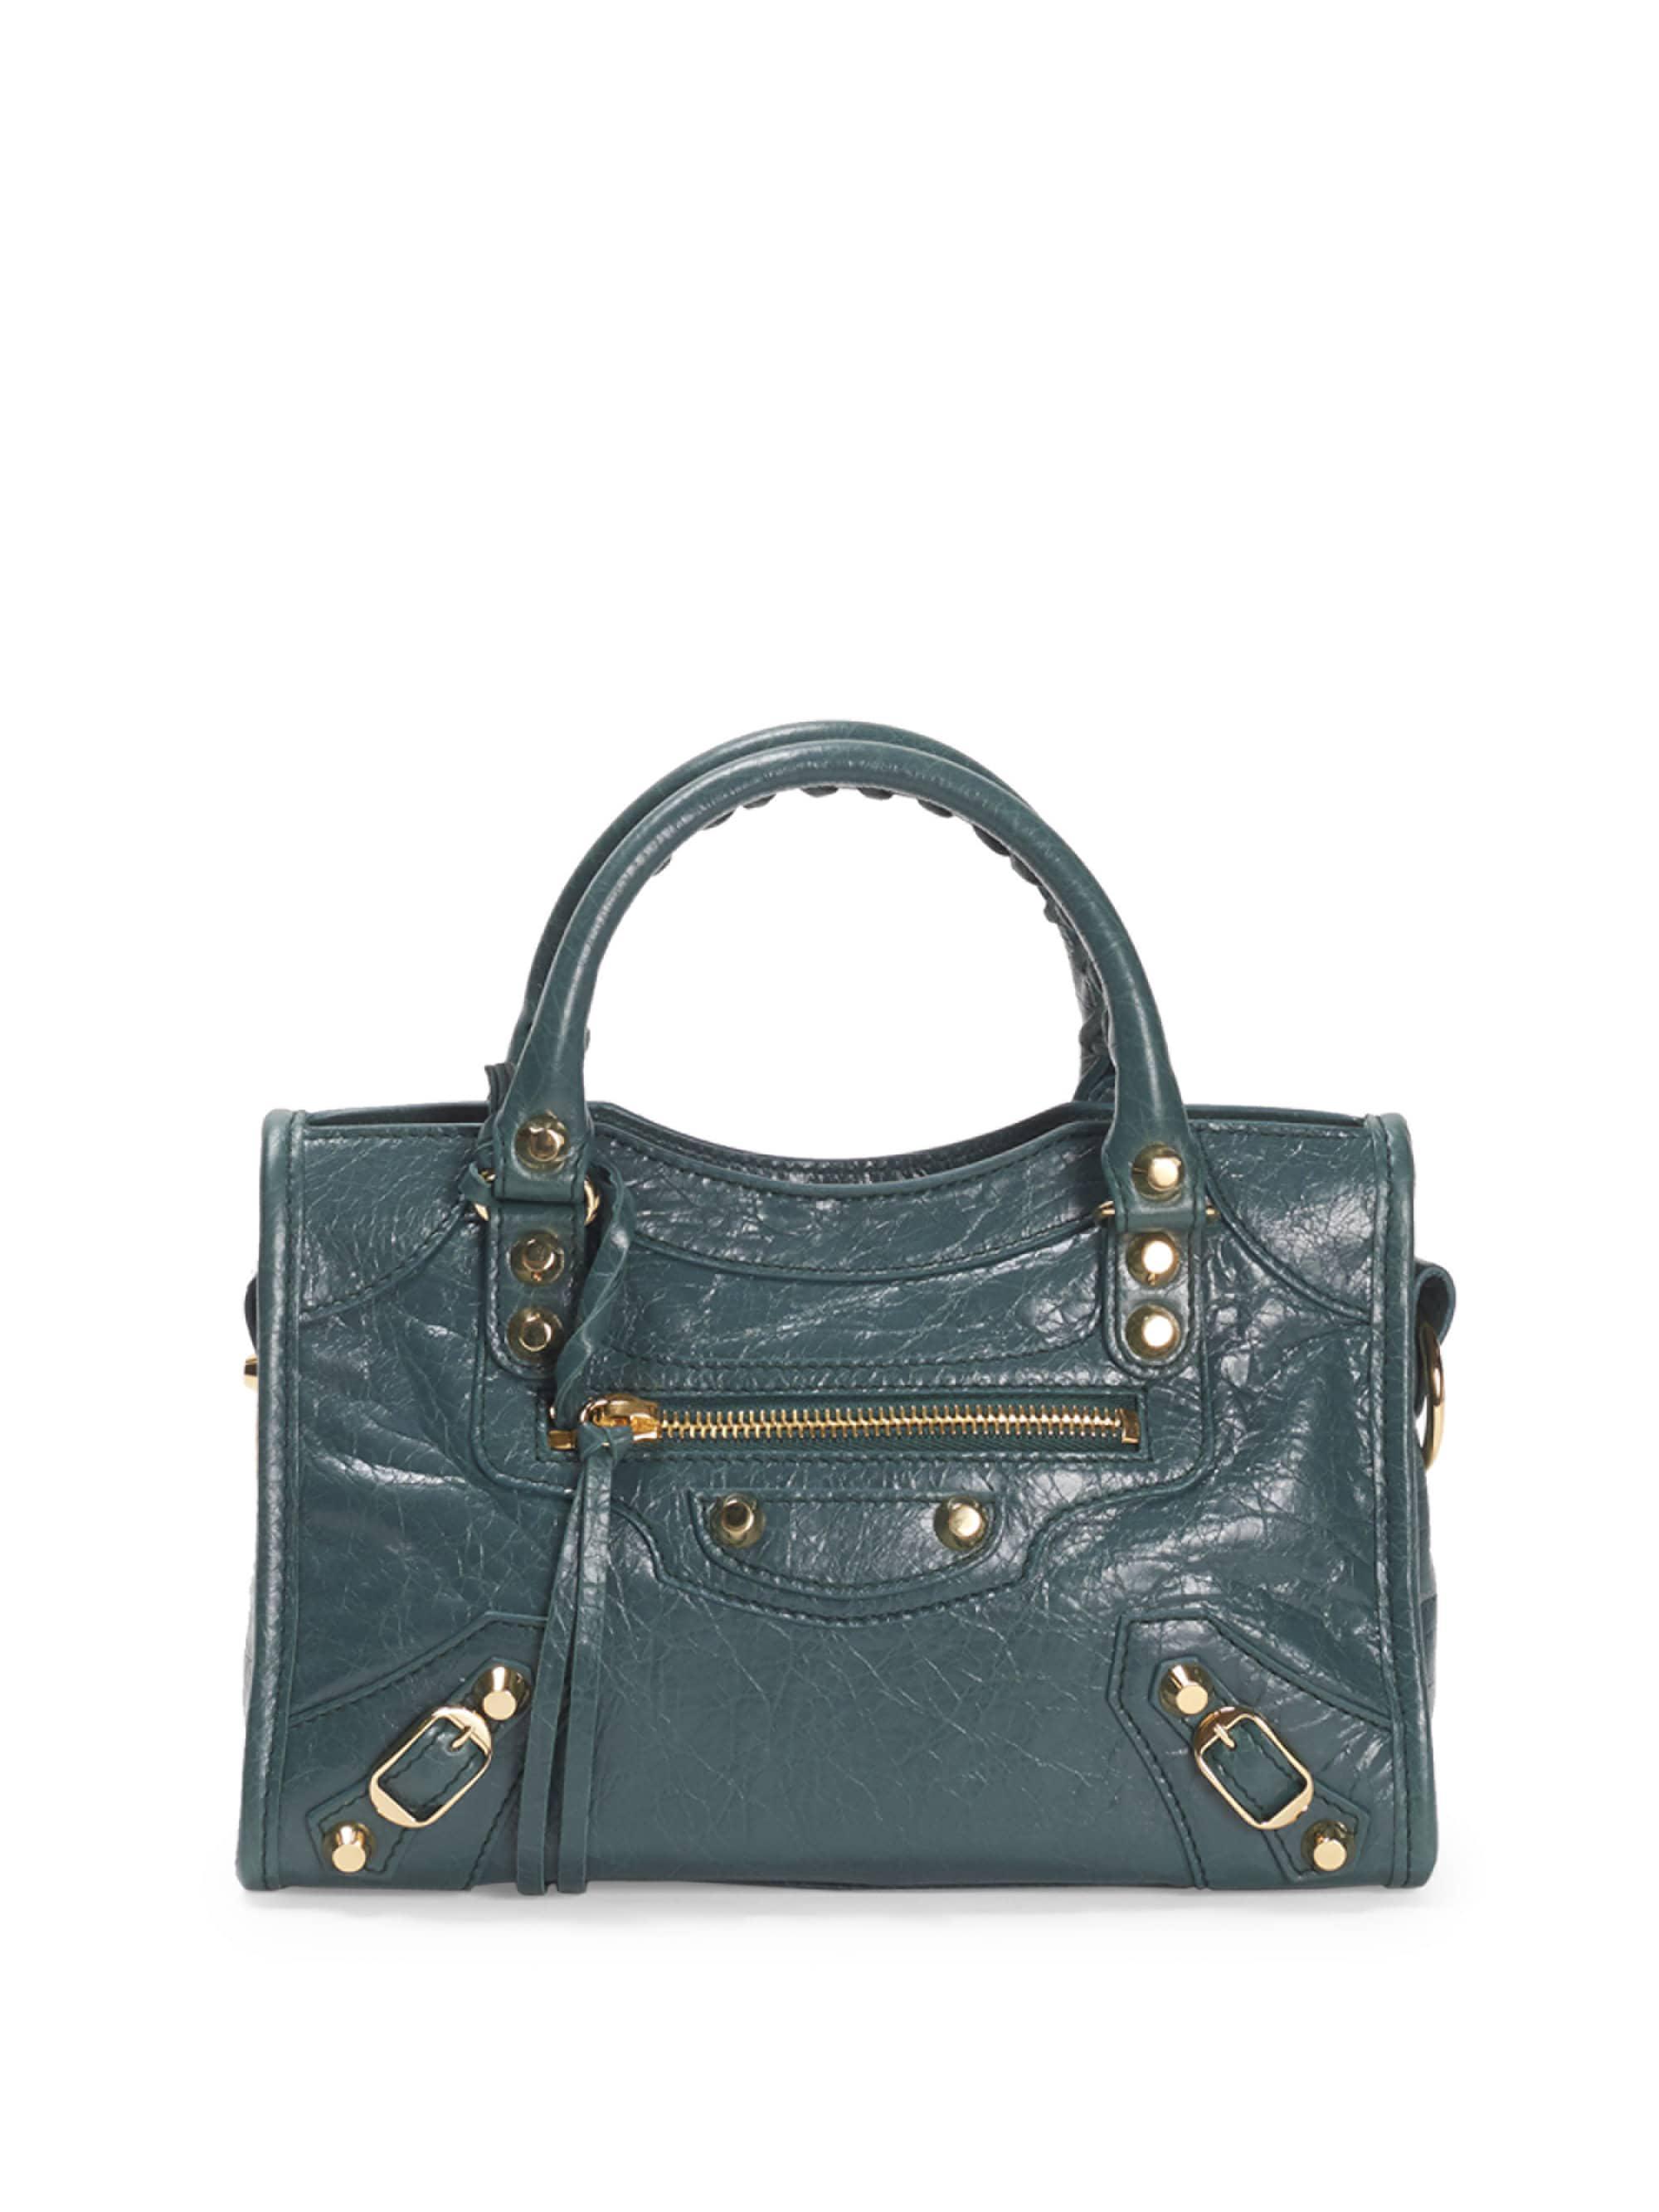 cb61fd2c19 Balenciaga Medium City Leather Satchel in Green - Lyst